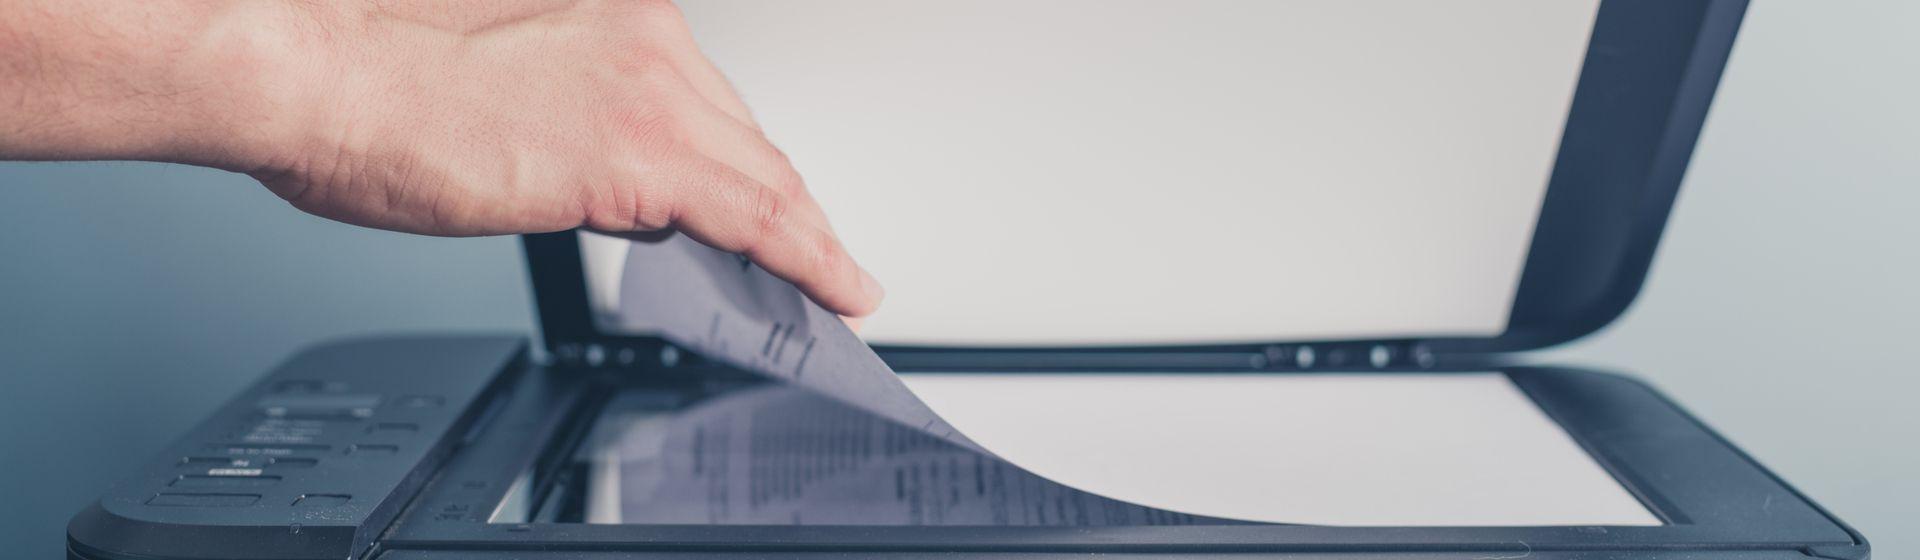 Melhor scanner de mesa ou portátil em 2021: 8 modelos para comprar